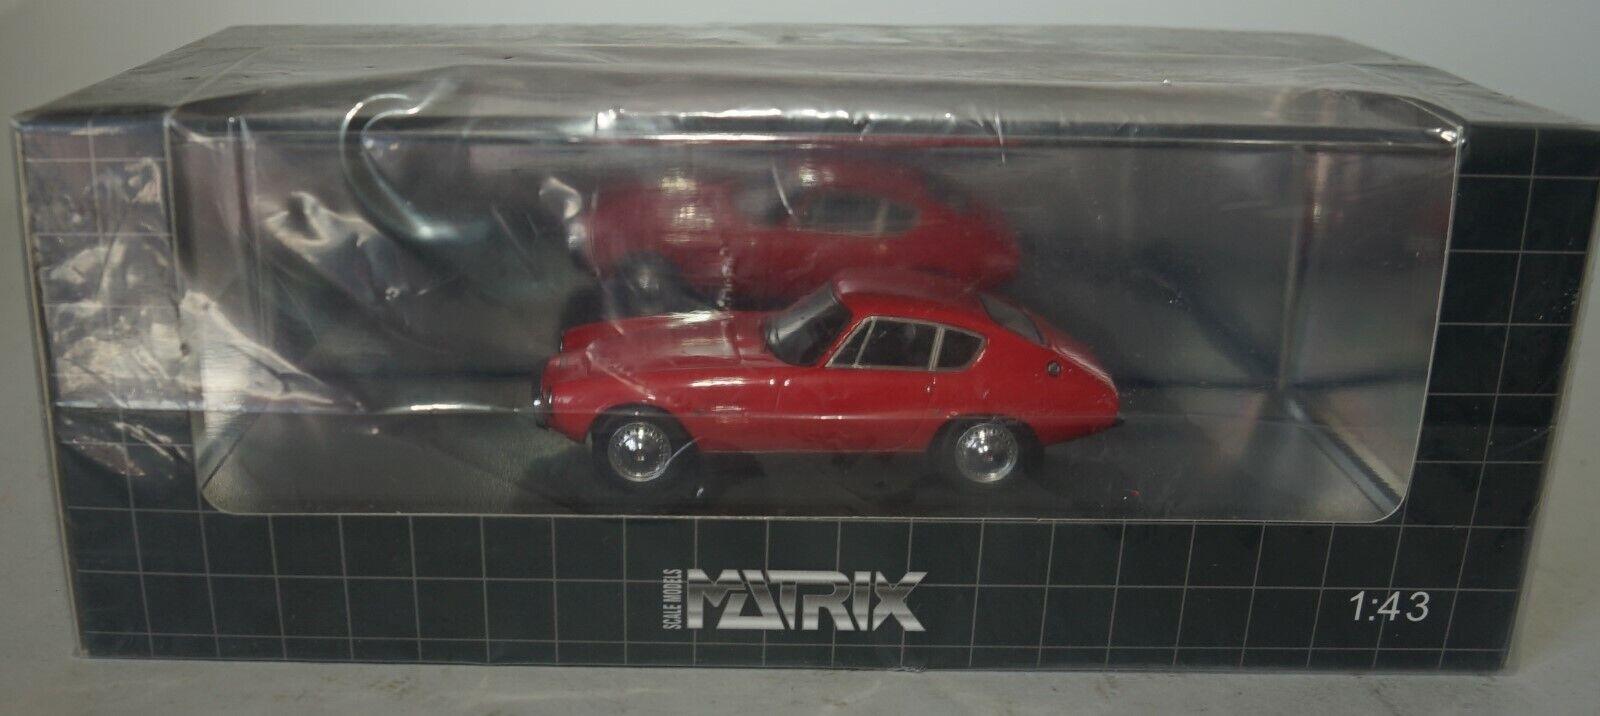 para barato Matrix MX10701-021 Ghia-Fiat 1500 GT COUPE Rood Rood Rood 1964 en rojo en escala 1 43  centro comercial de moda